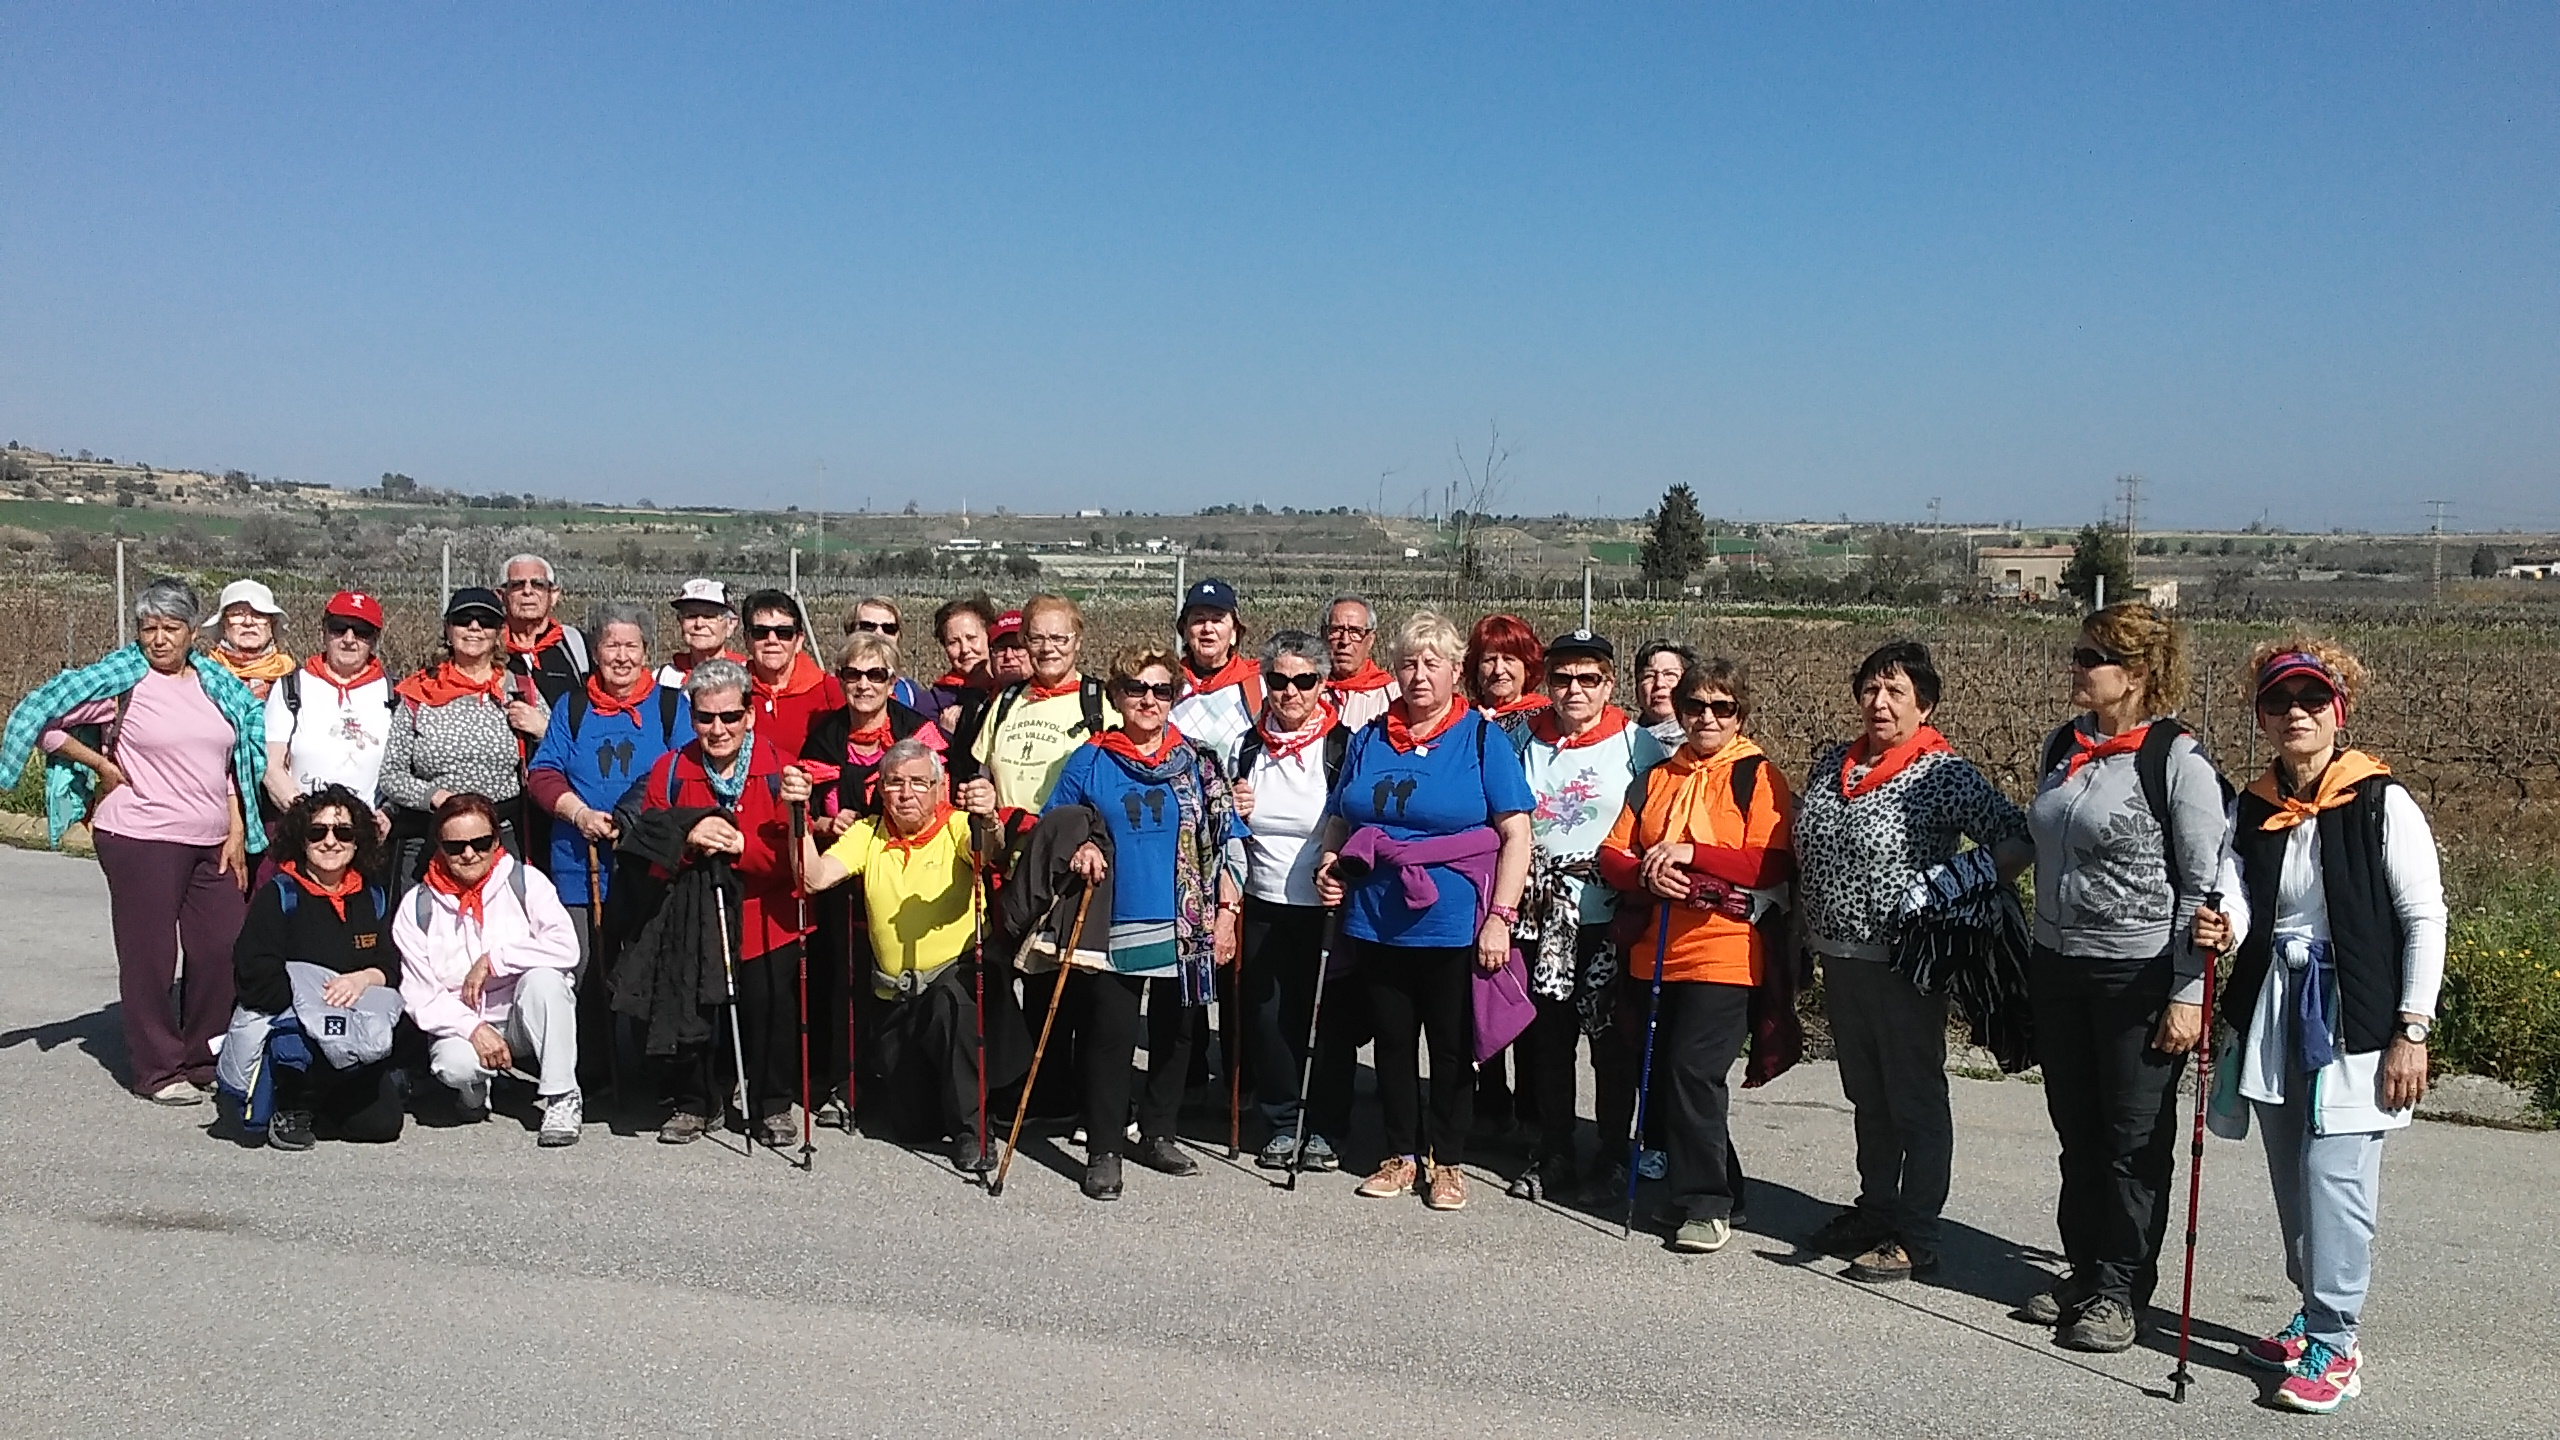 Foto de grup de la passejada celebrada a Vilafranca del Penedès